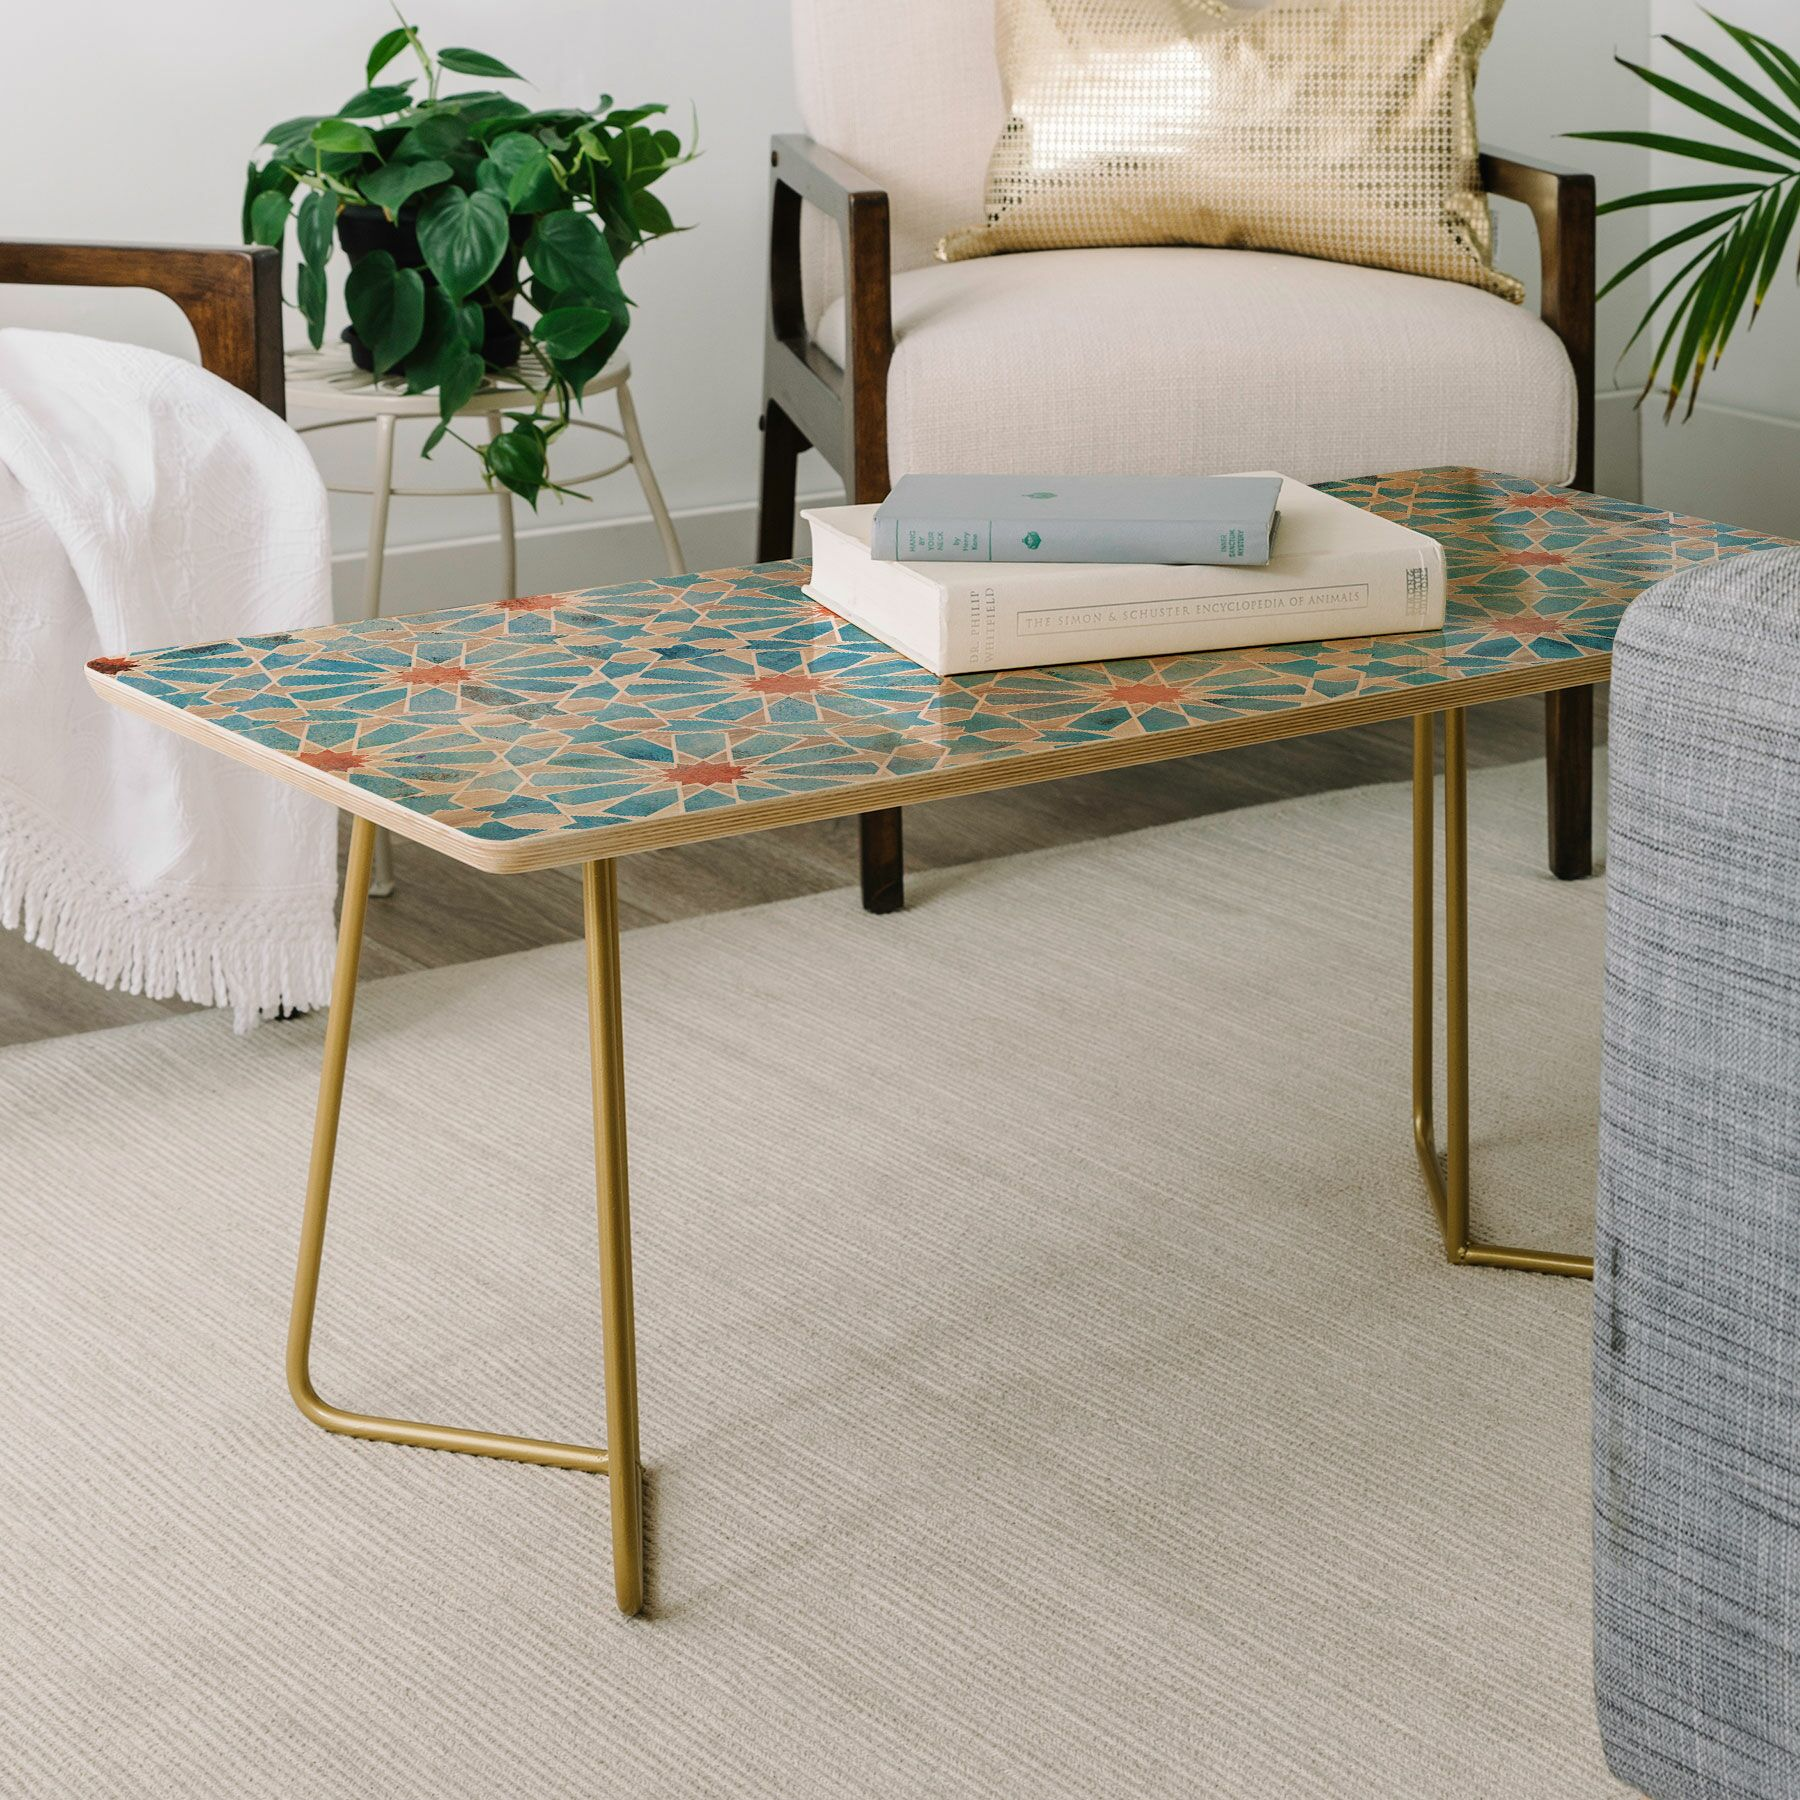 Schatzi Hara Tiles Coffee Table